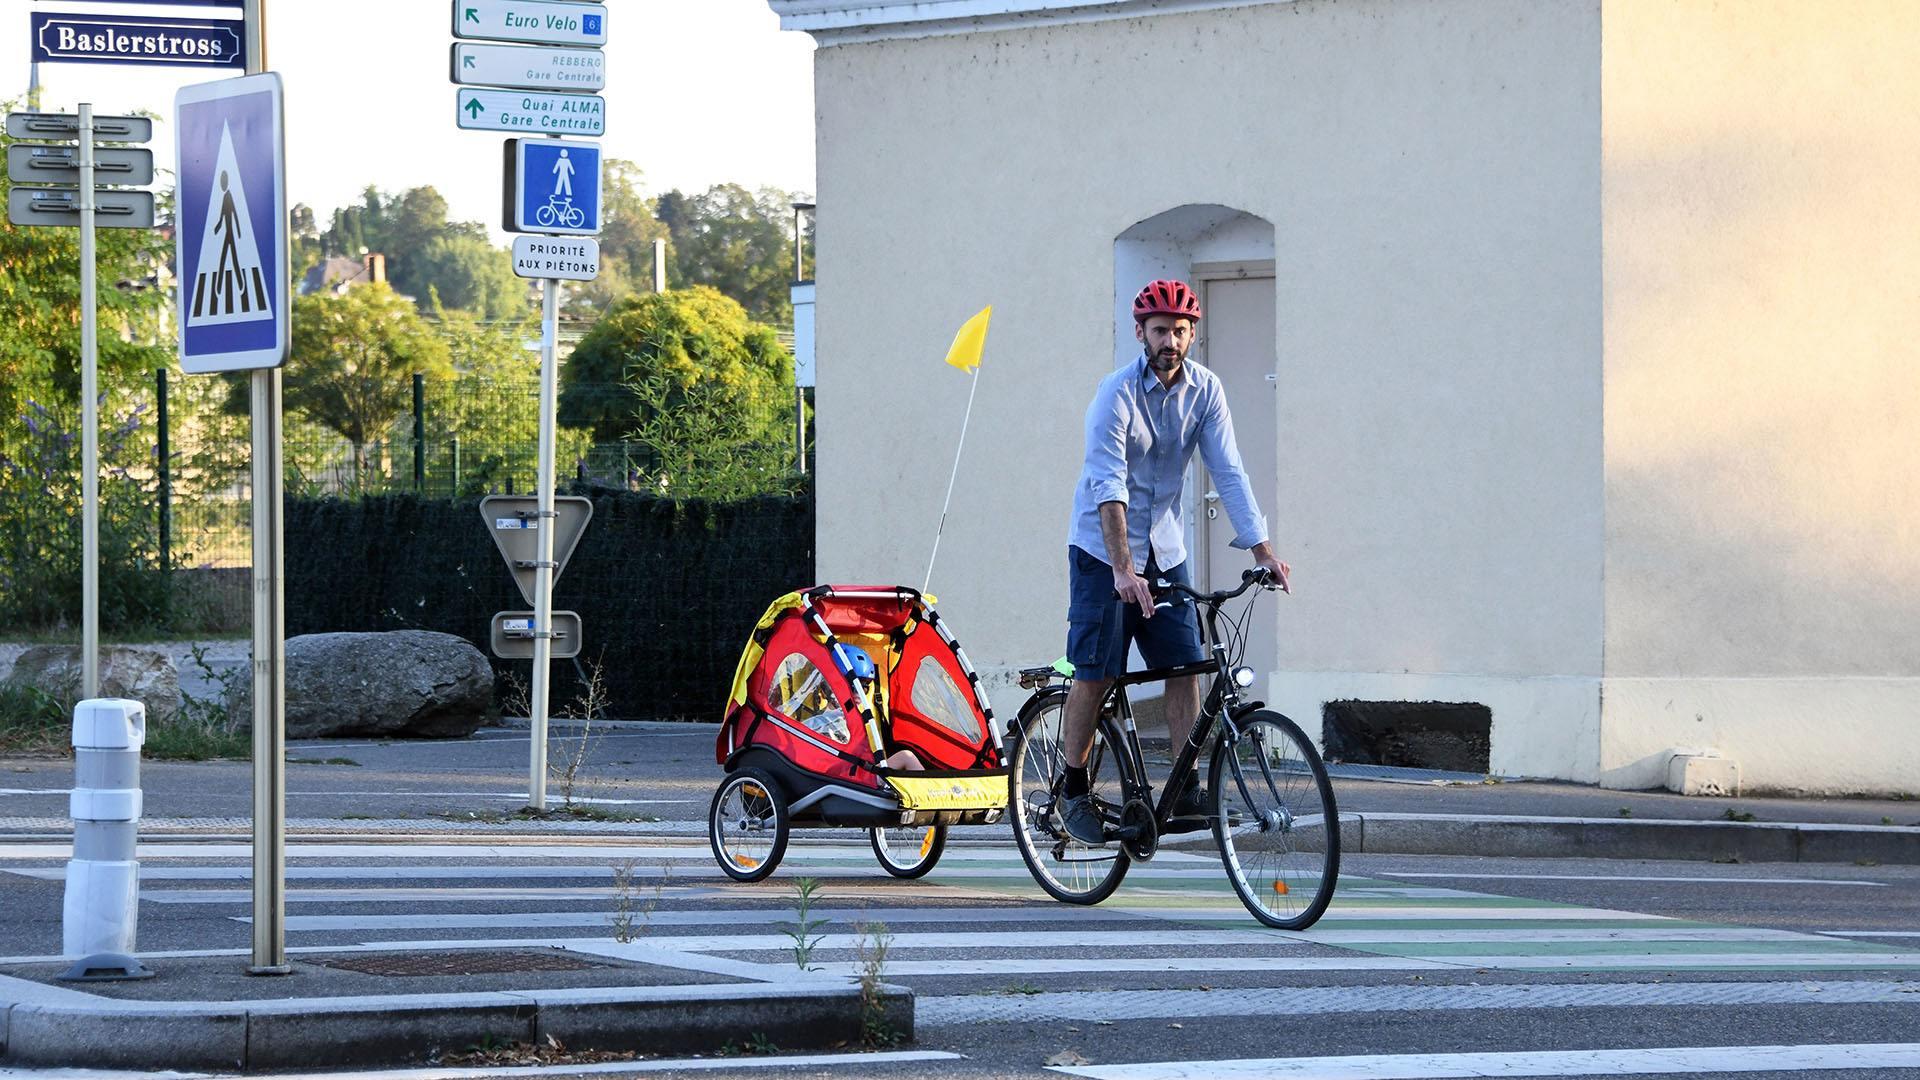 Une famille à vélo dans l'agglo : la remorque, l'accessoire pratique